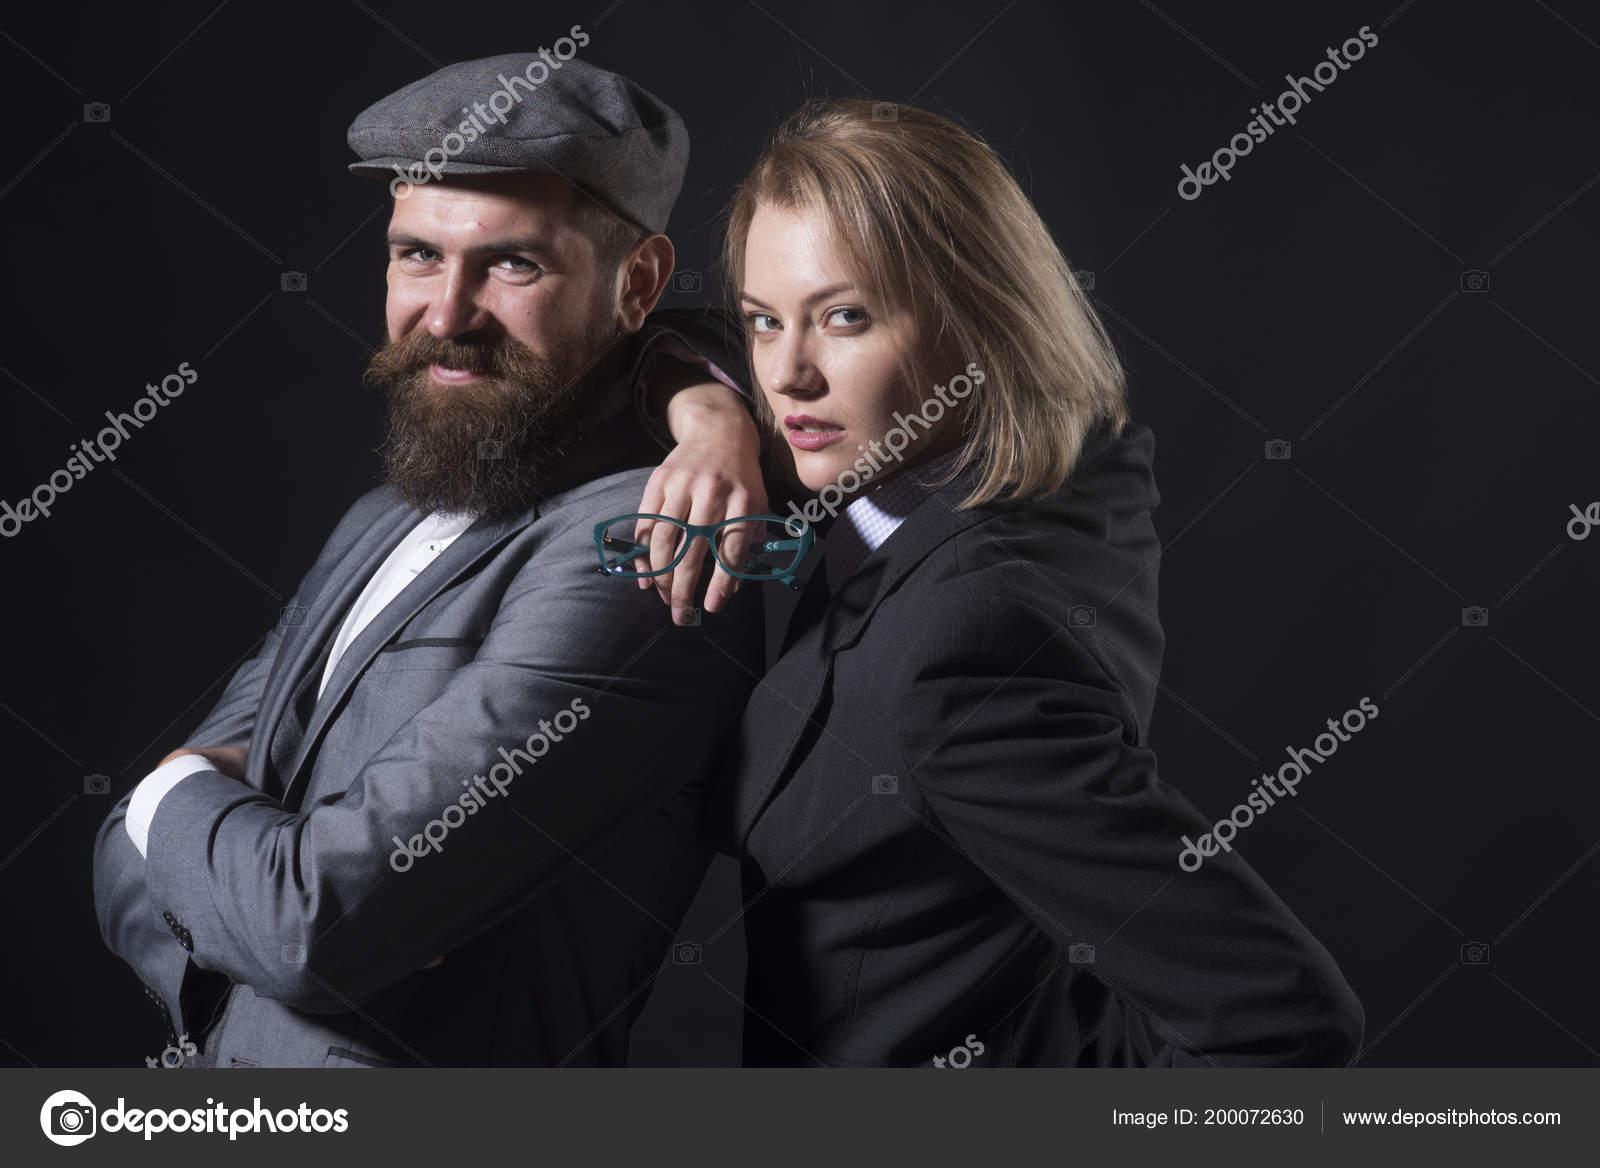 dating investigators